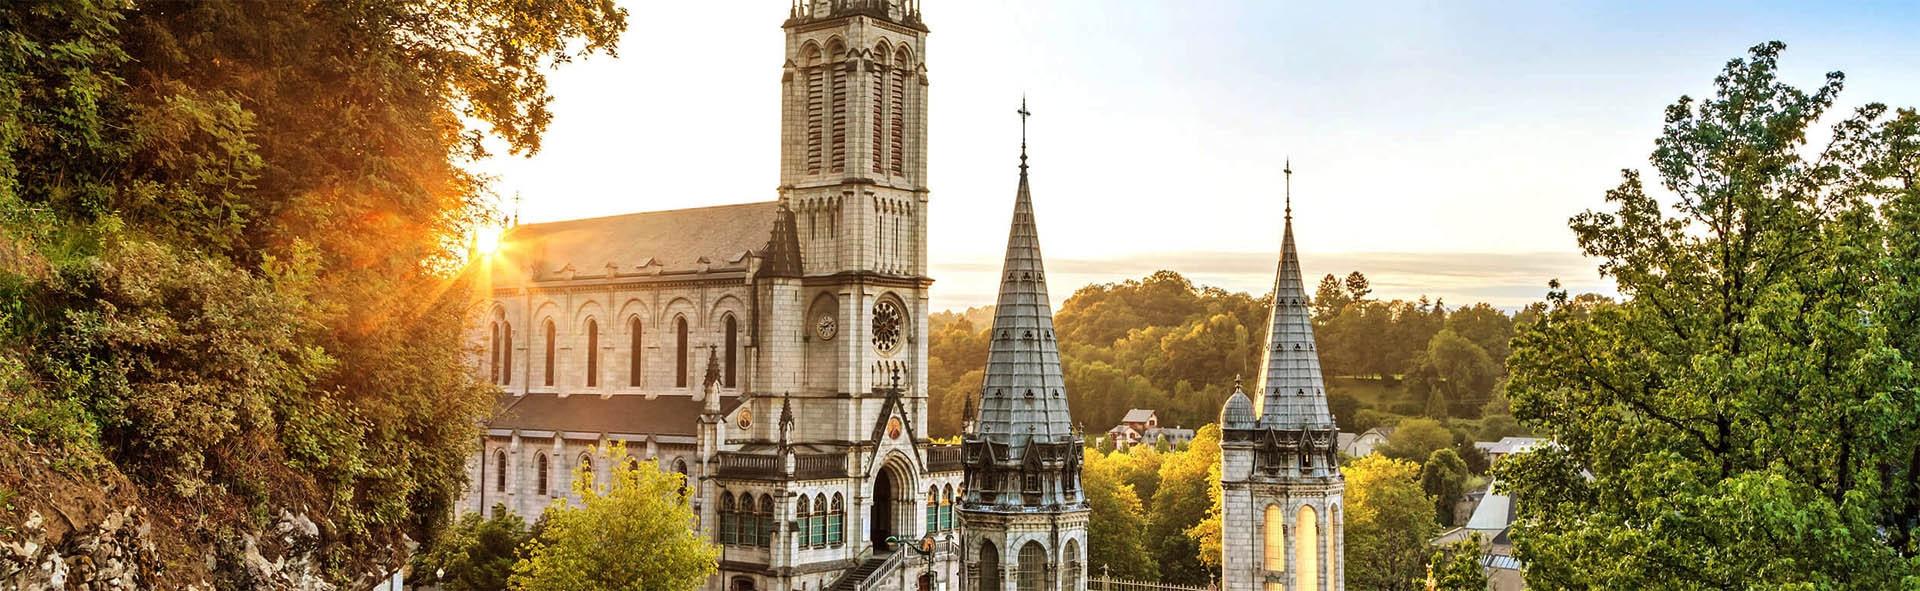 Pellegrinaggio a Lourdes in Pullman dal Nord Estate